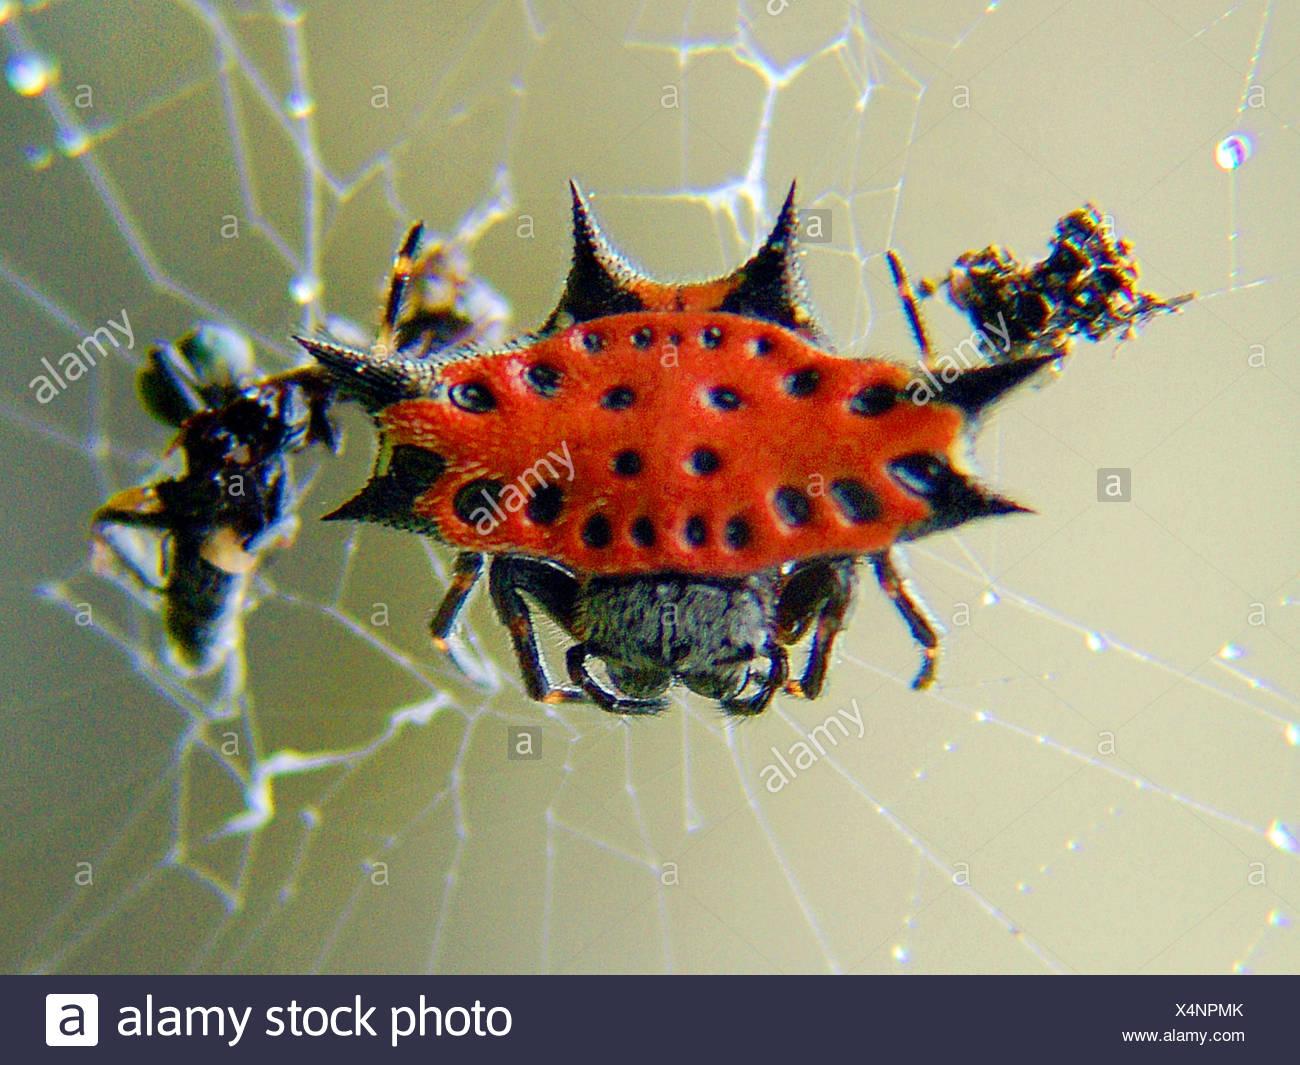 Radnetzspinne, Radnetz-Spinne, Gastercantha Cancriformis (Gastercantha Cancriformis) in Dachmarke Netz, Costa Rica   Orbweb Spinne Stockbild